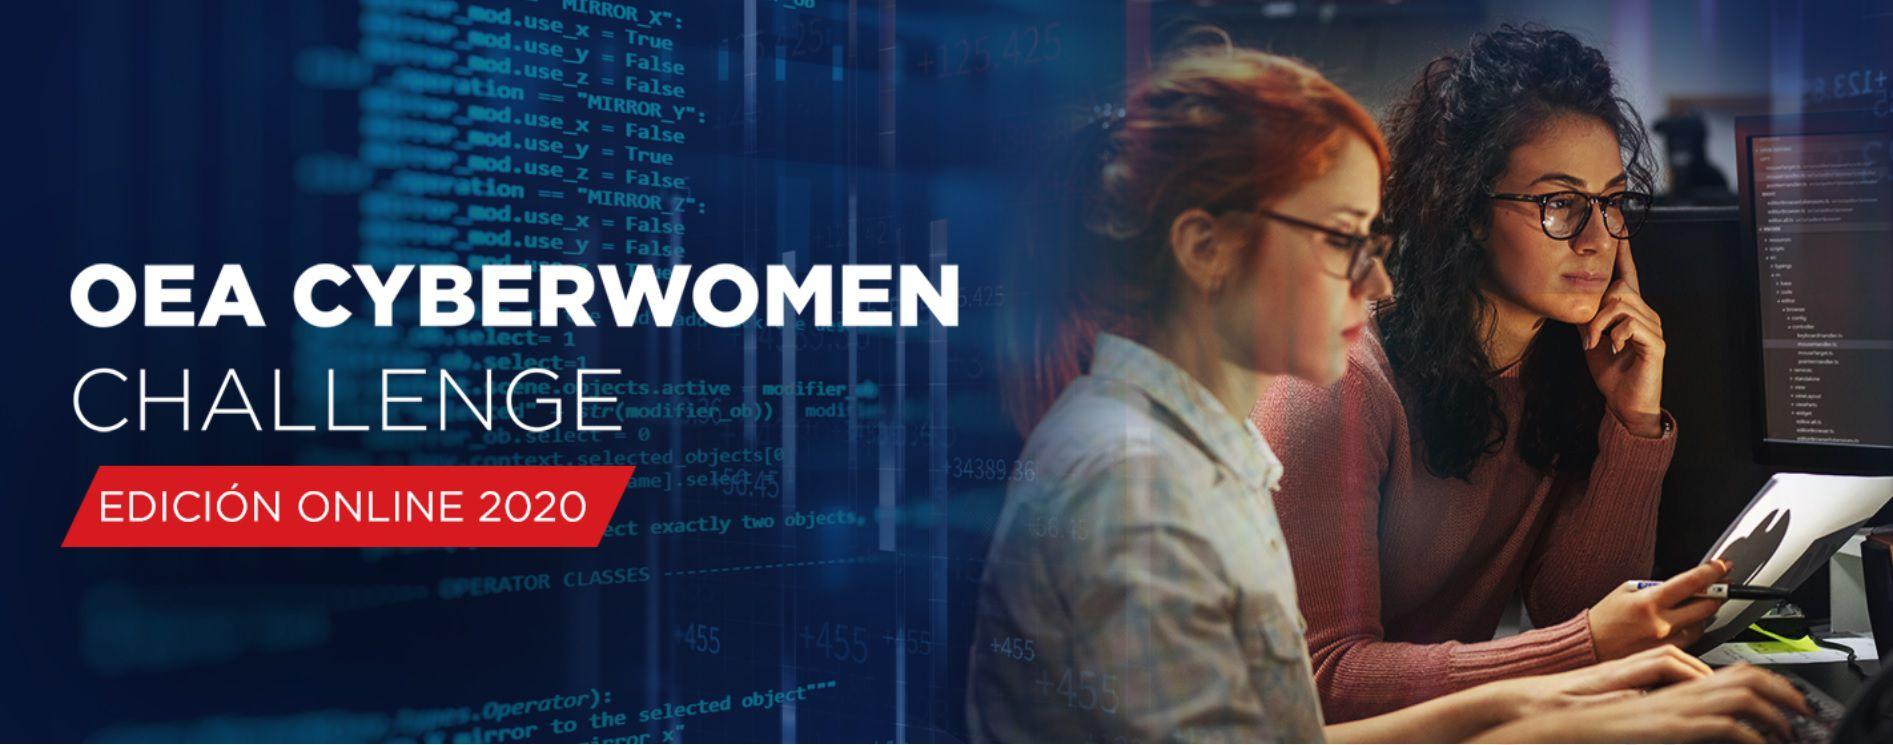 La segunda edición de OEA Cyberwomen Challenge inicia el 7 de agosto.